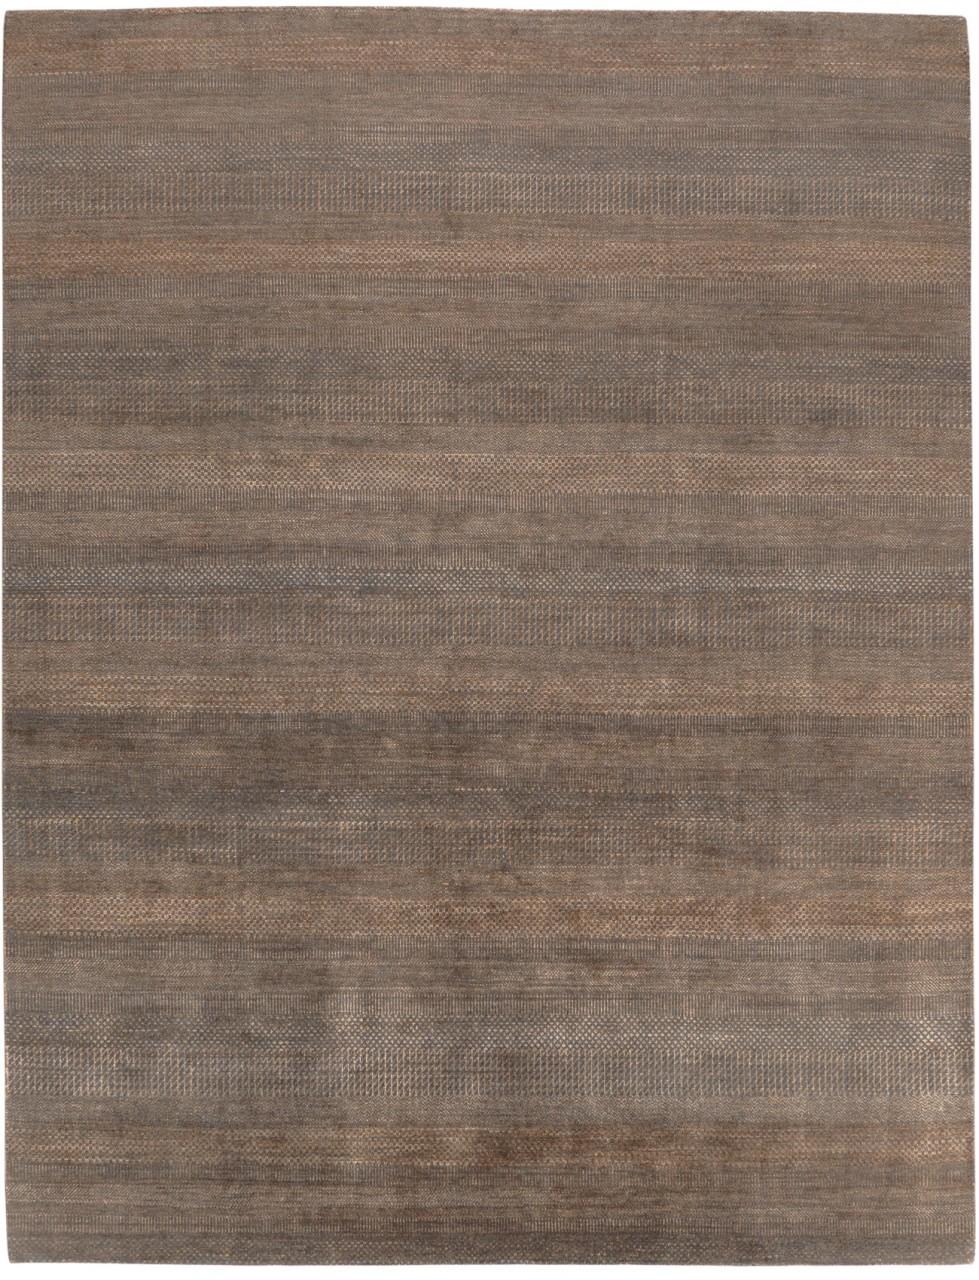 Design-Teppich Copper